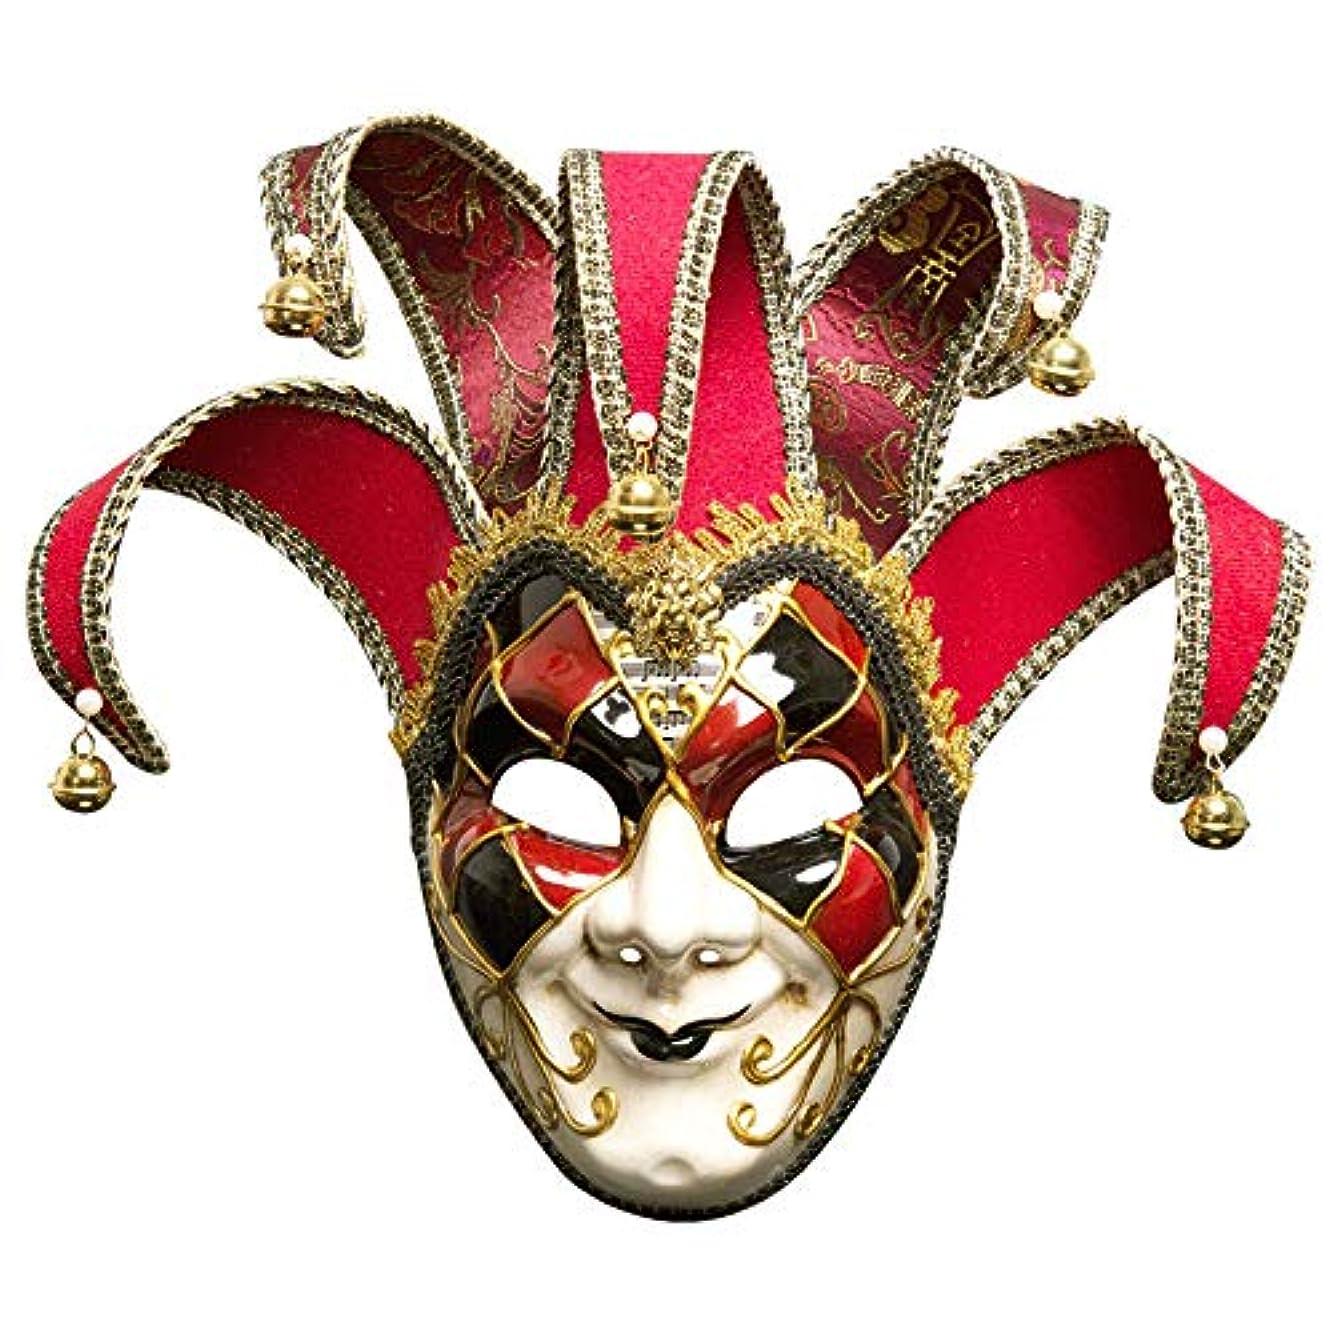 批判的予言するセッションクリスマスのマスクヴィンテージベネチア仮面舞踏会のマスクマルディグラコスチュームアイ?マルディグラコスチュームパーティー17X44cmマスク,赤